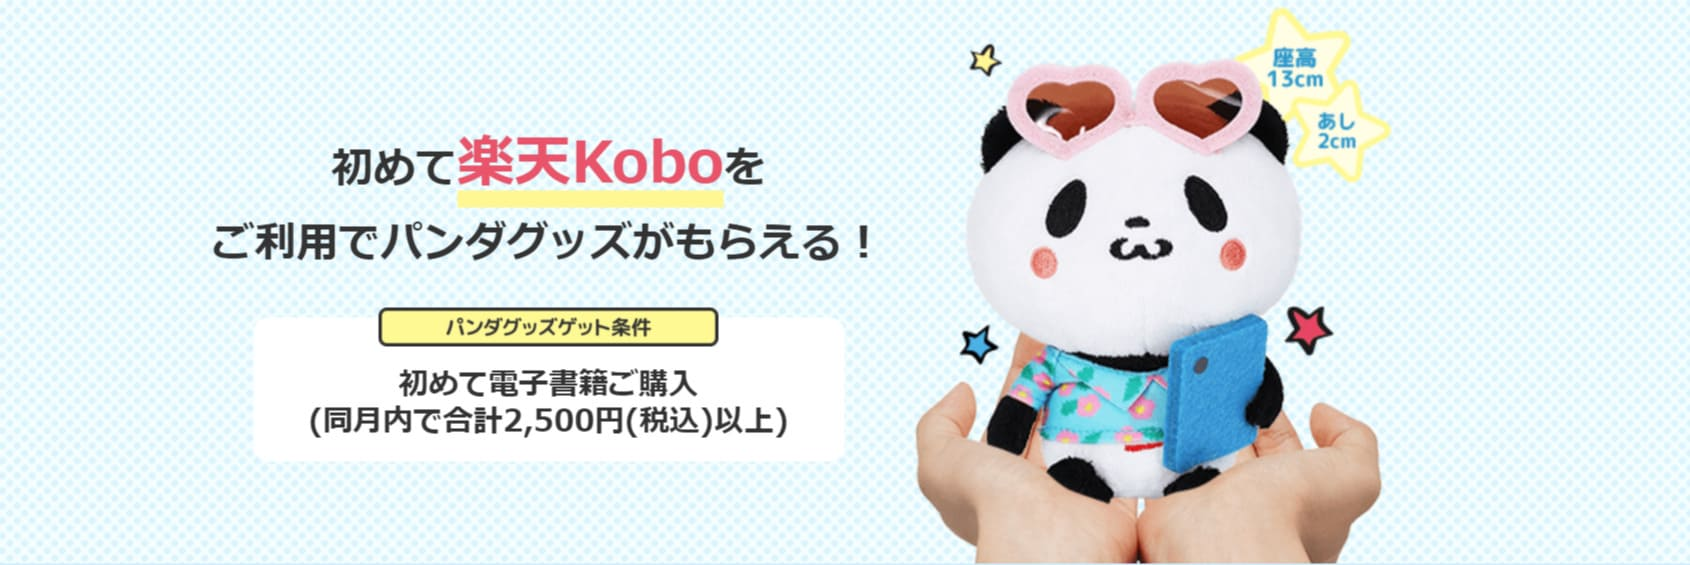 楽天Koboとebookjapanを8項目で徹底比較